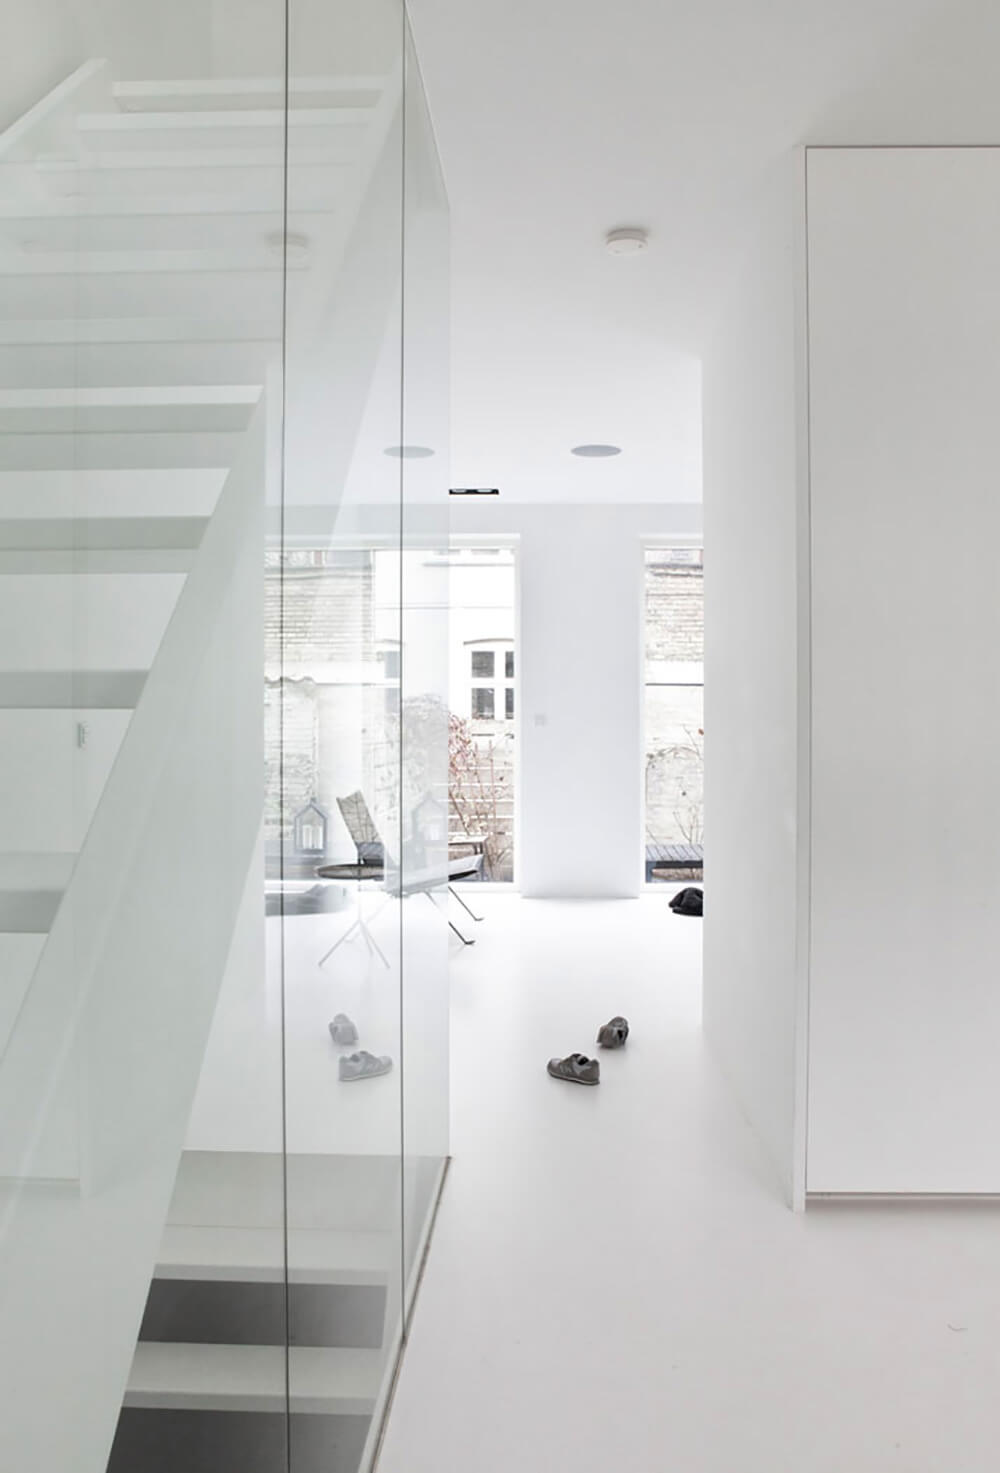 Kontrastowe ujęcia minimalizmu: wnętrza wczerni ibieli